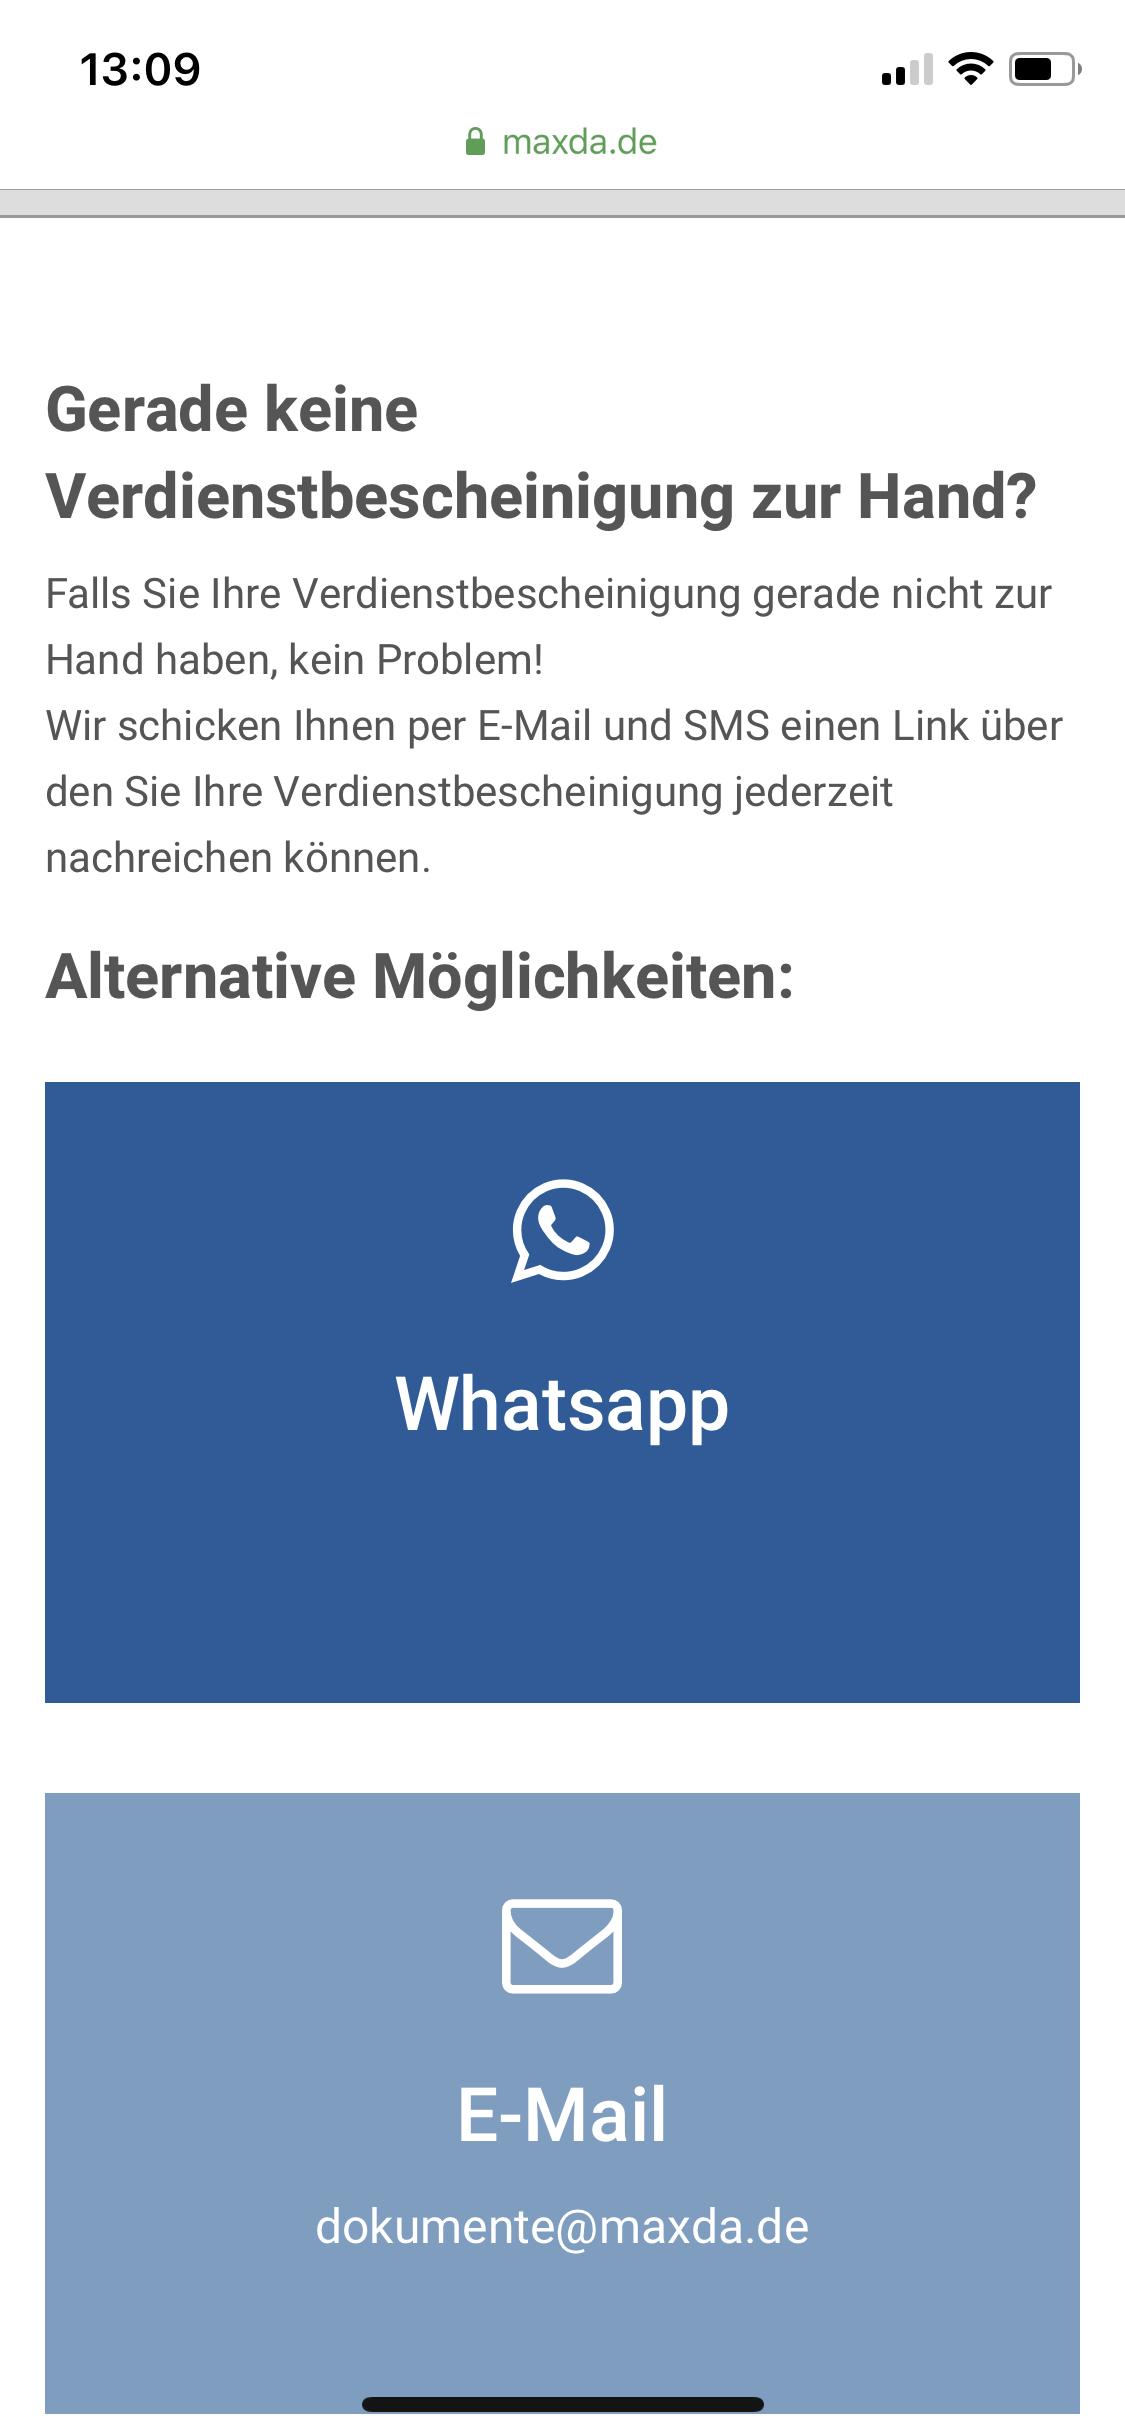 Maxda Alternative Möglichkeiten für Upload auf Smartphone